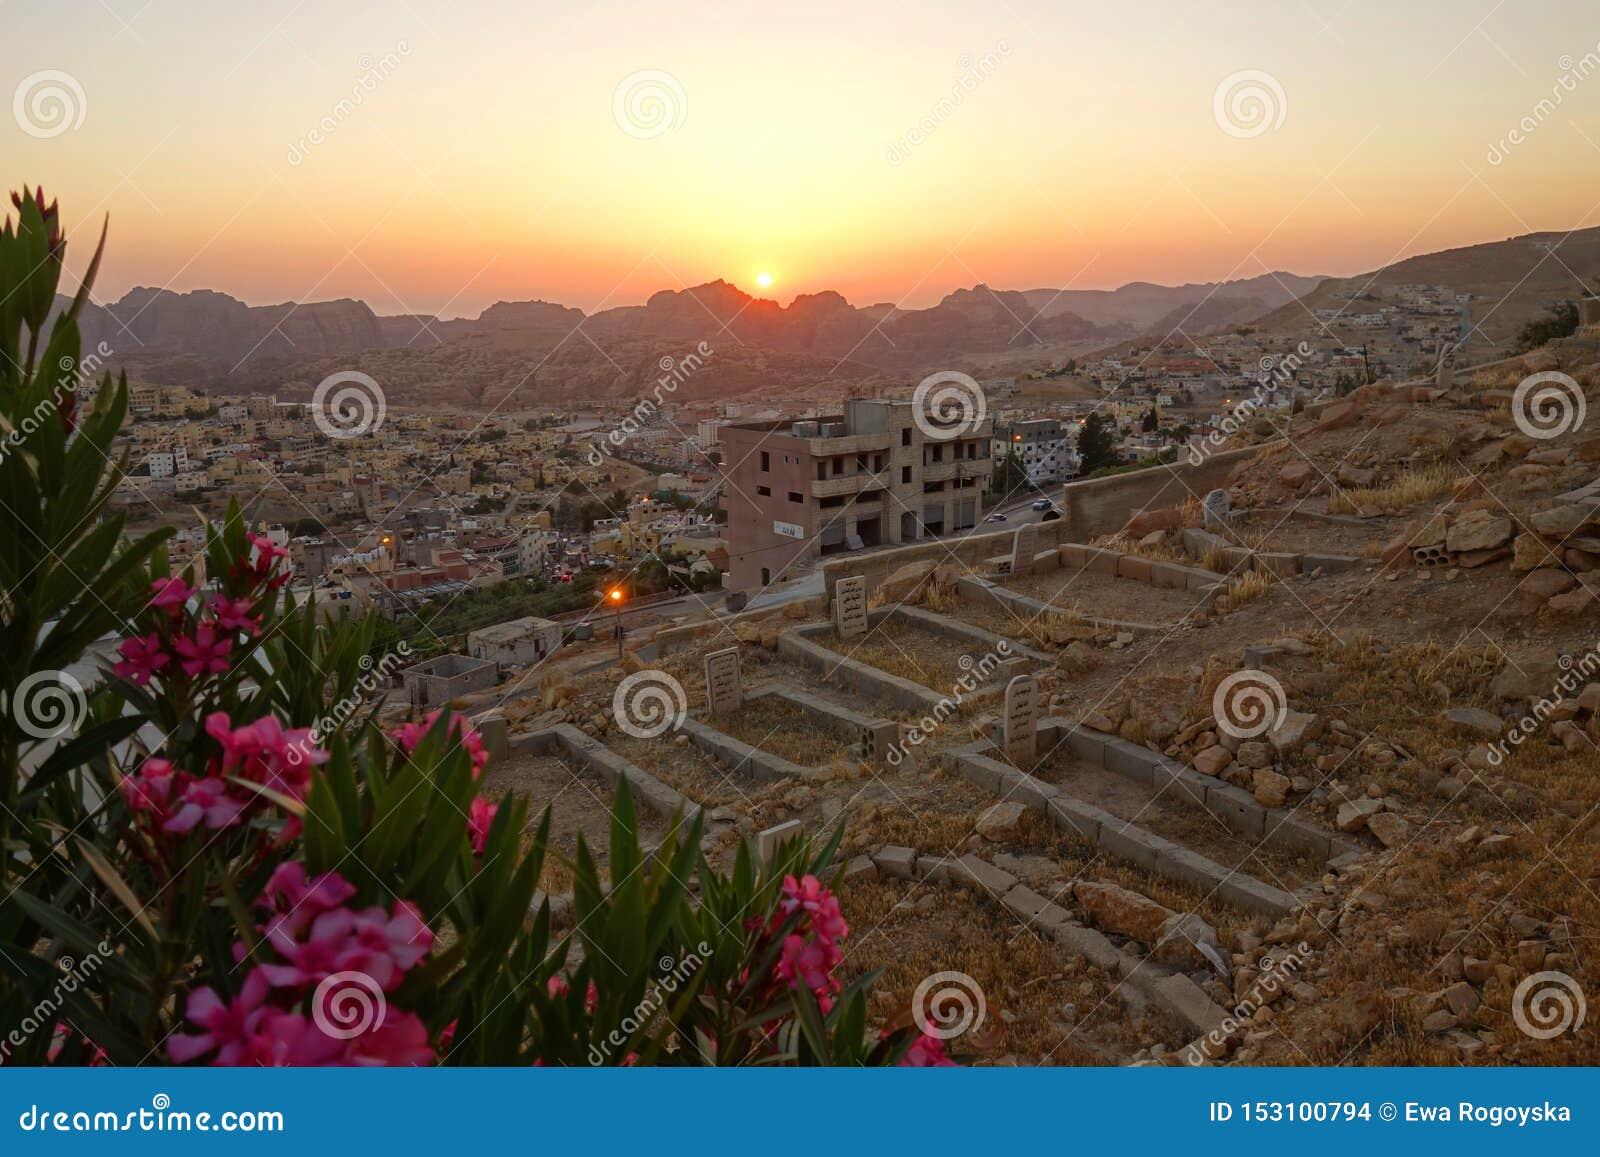 Sunset over Wadi Musa